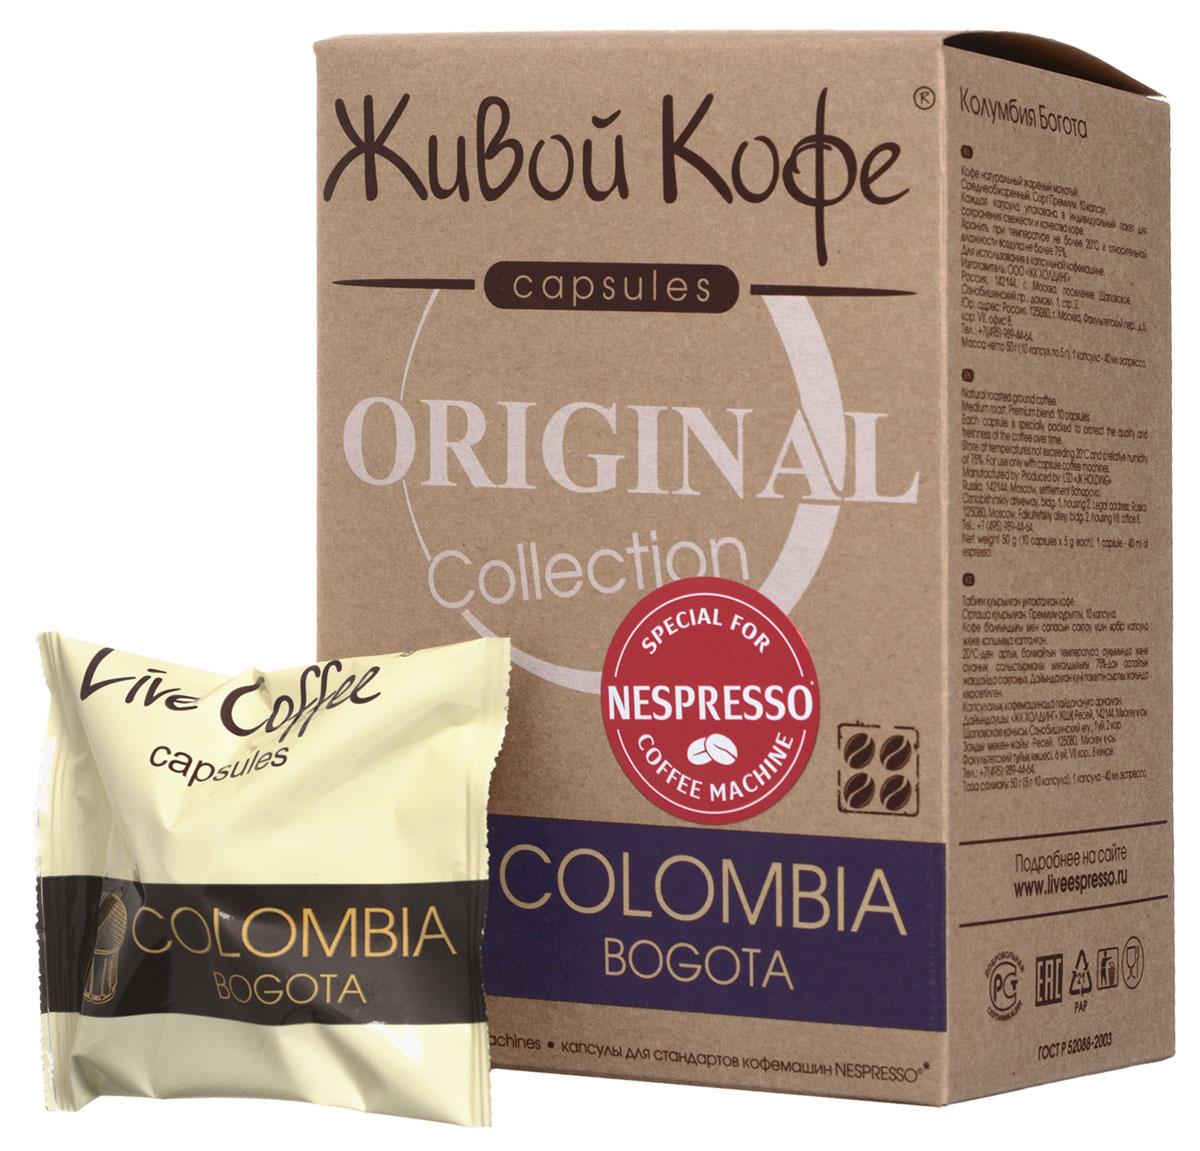 цены на Живой Кофе Colombia Bogota кофе в капсулах (индивидуальная упаковка), 10 шт  в интернет-магазинах